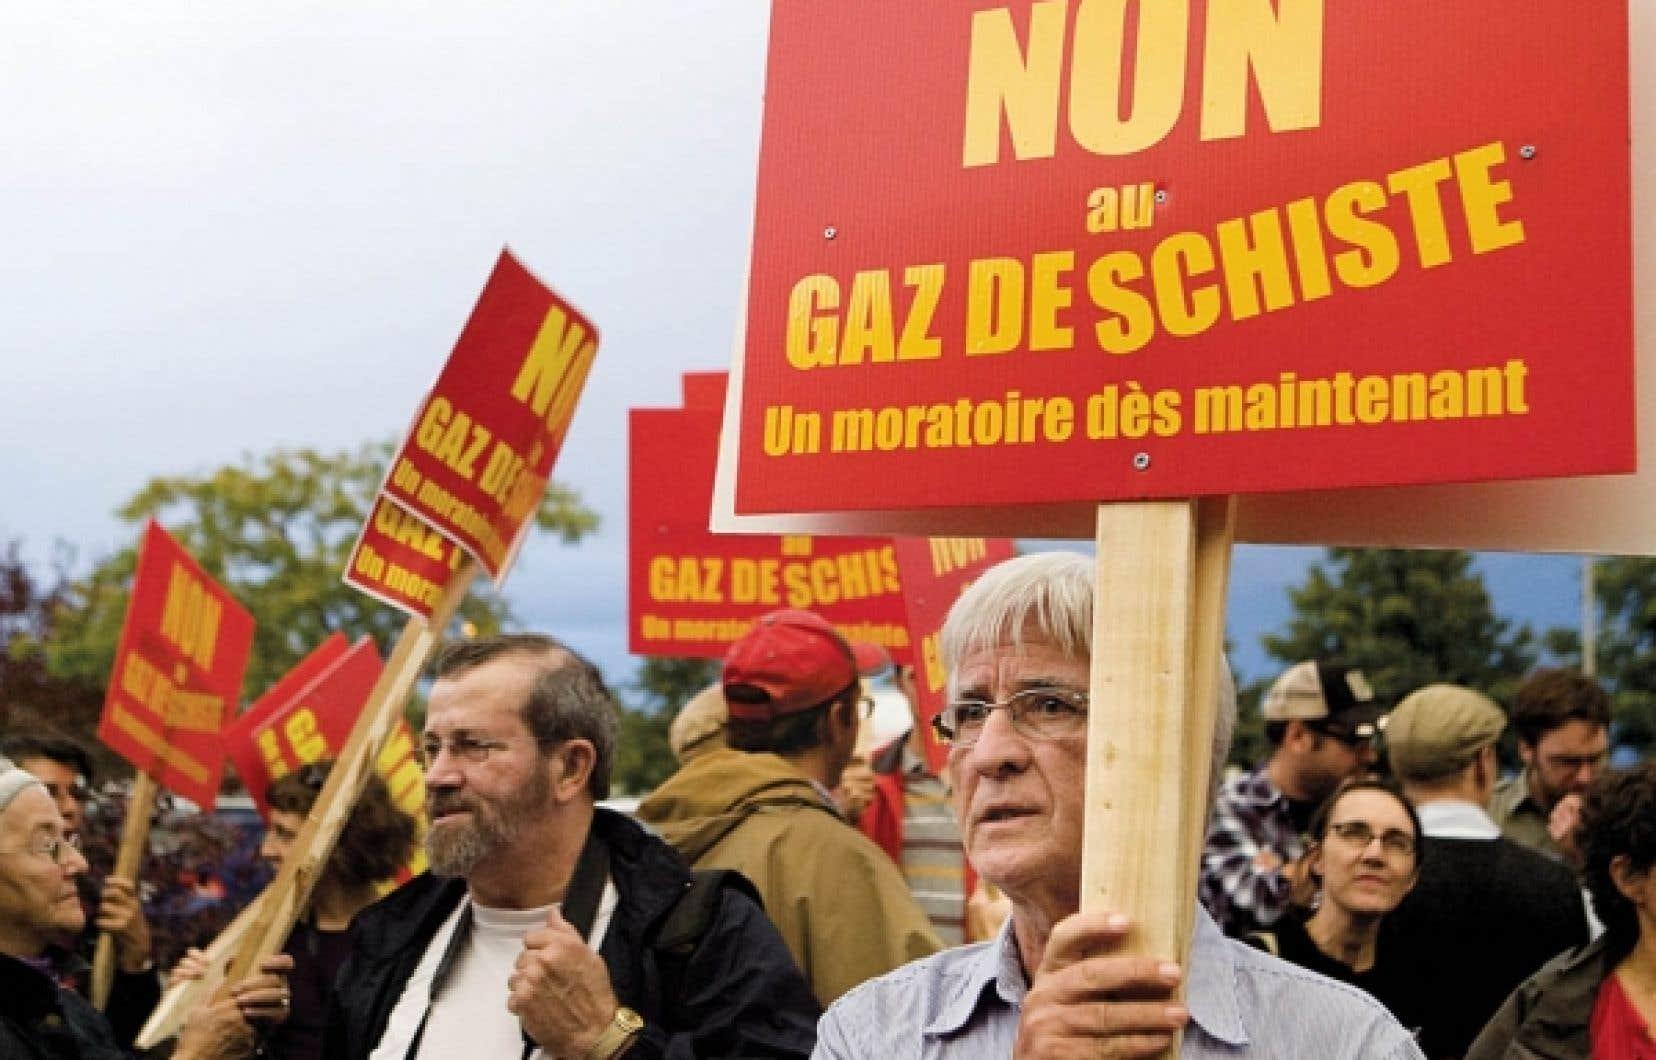 Manifestation contre l&rsquo;exploitation du gaz de schiste &agrave; Saint-Hyacinthe l&rsquo;automne dernier.<br />